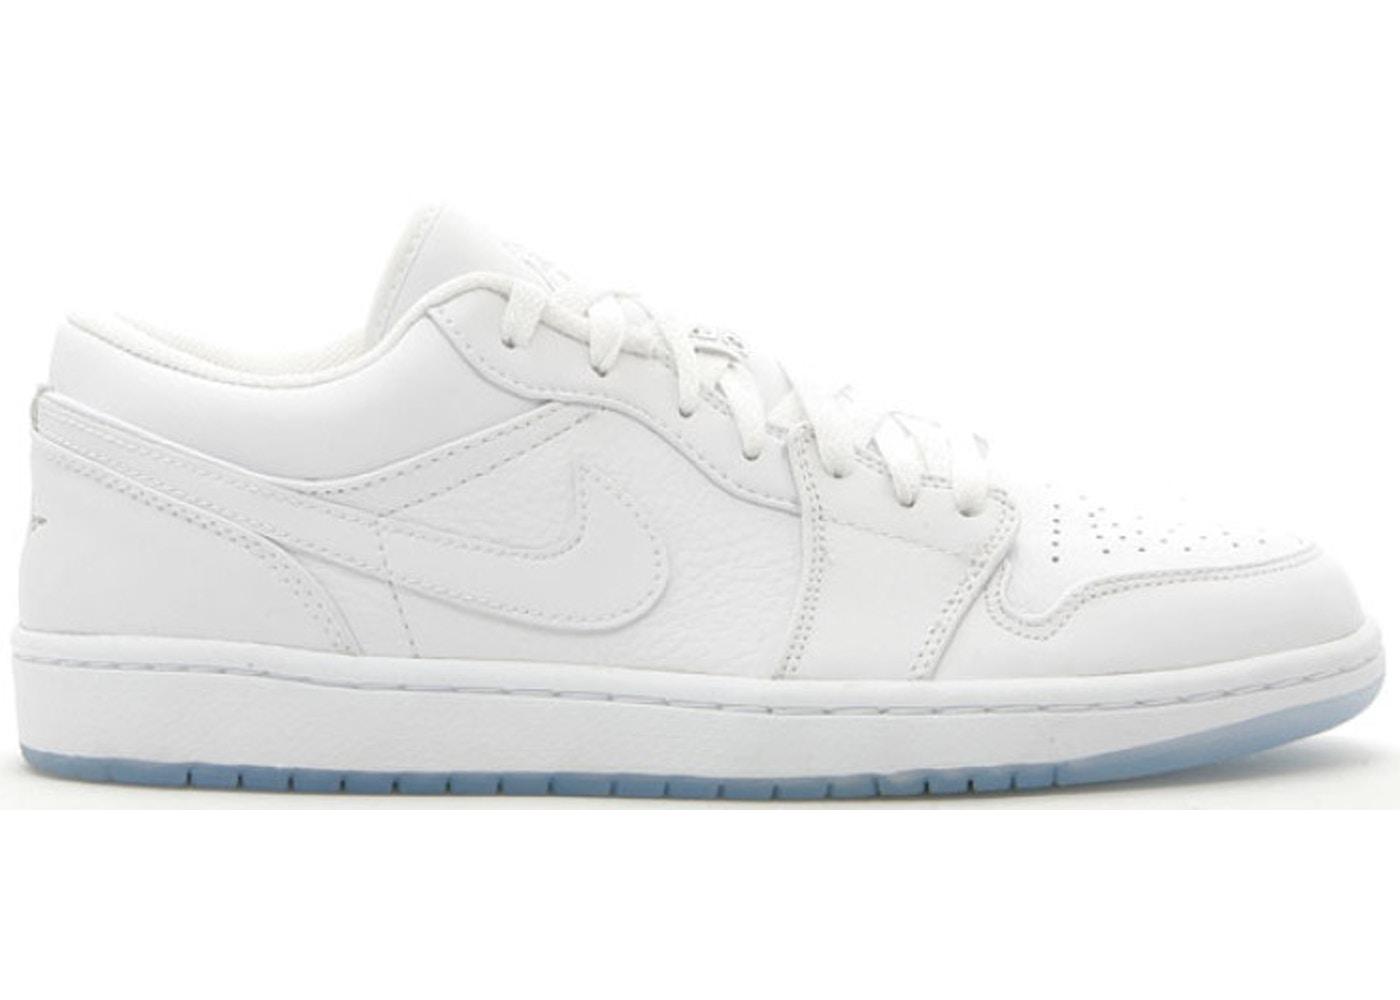 8beae15e0b3 Sell. or Ask. Size: 9.5. View All Bids. Jordan 1 Retro Low White ...